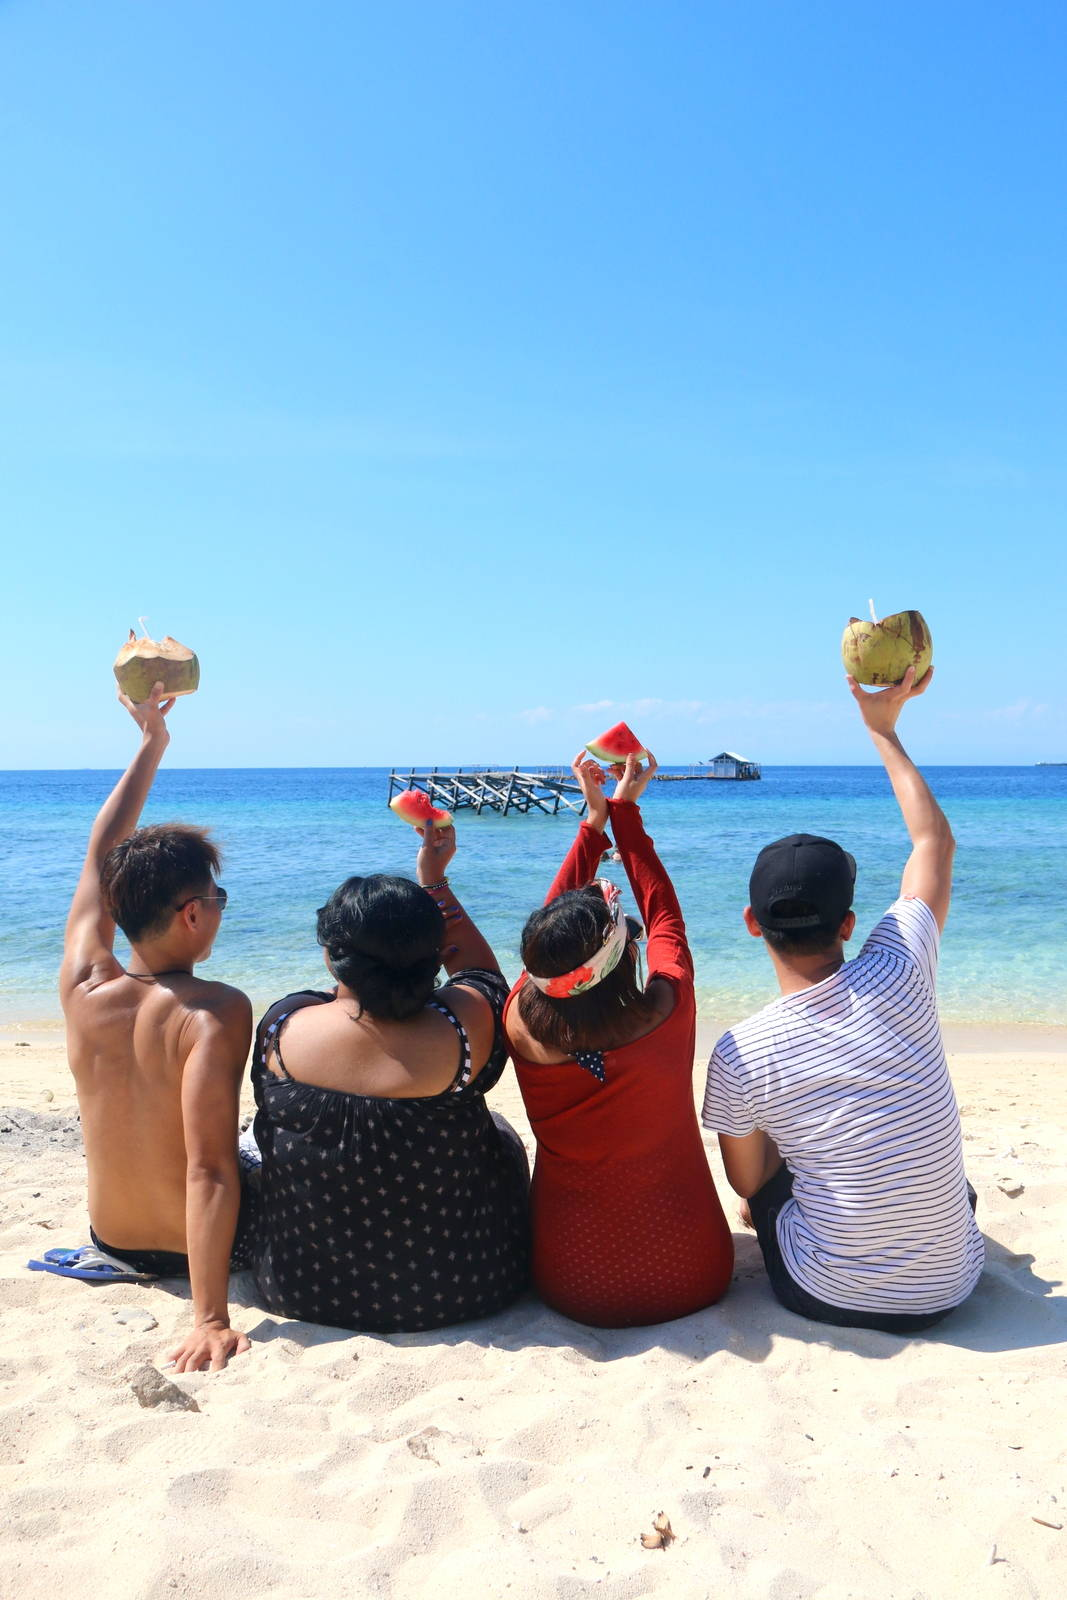 Beach friends Kodingareng Islands